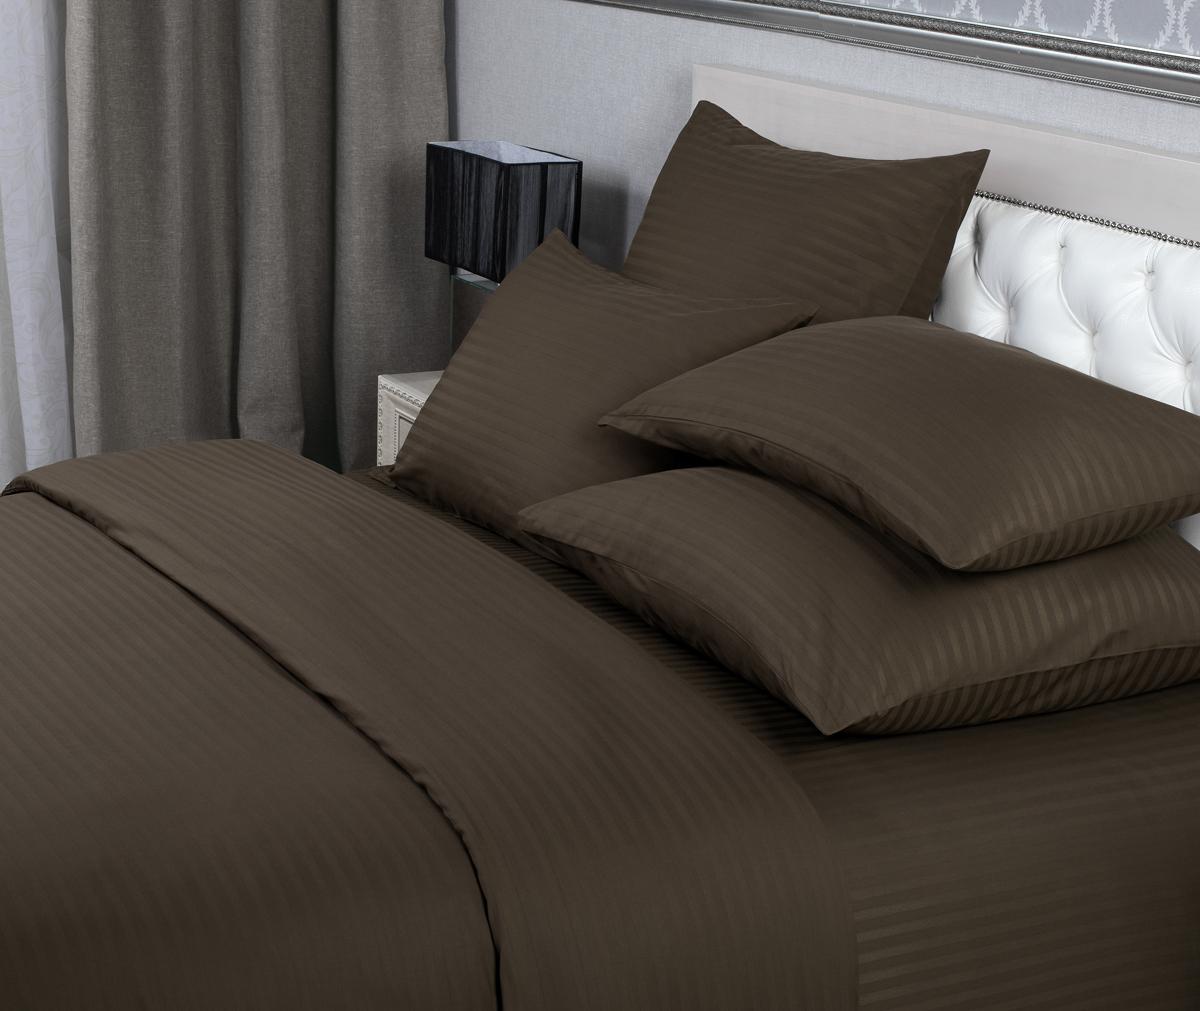 Комплект белья Verossa, 2-спальный, наволочки 70х70 см, цвет: шоколадный полотенце verossa verossa ve032judhec6